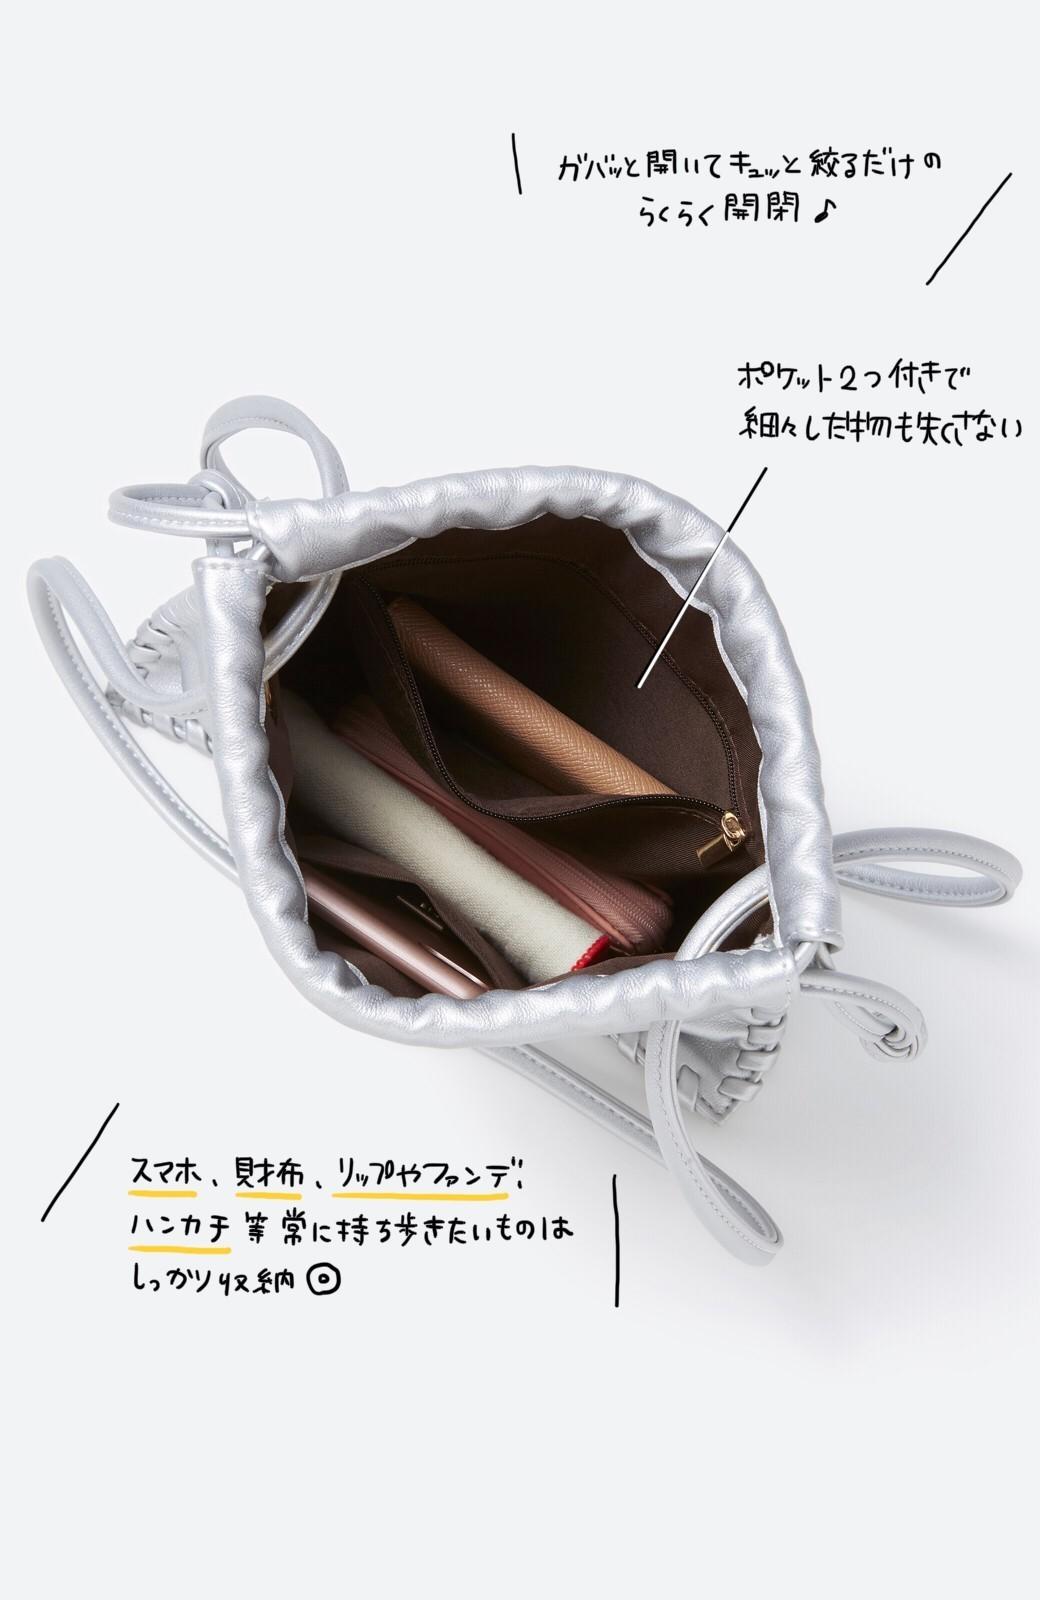 haco! スマホもお財布もちゃんと入ってコーデのポイントになる 2WAYミニポシェット <シルバー>の商品写真3